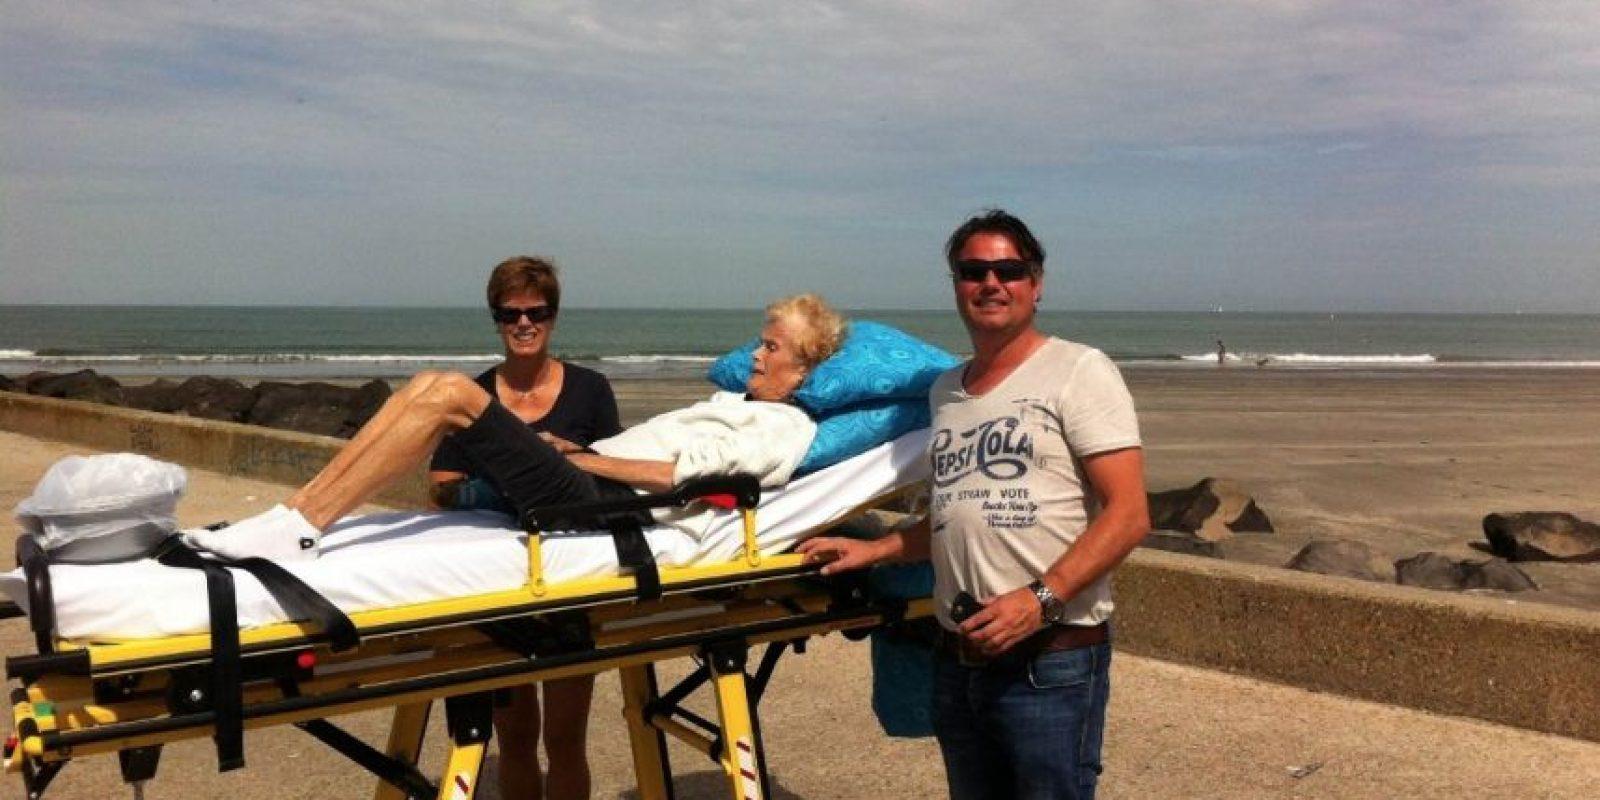 Ir a la playa. Foto:Vía Facebook.com/wensenrijders